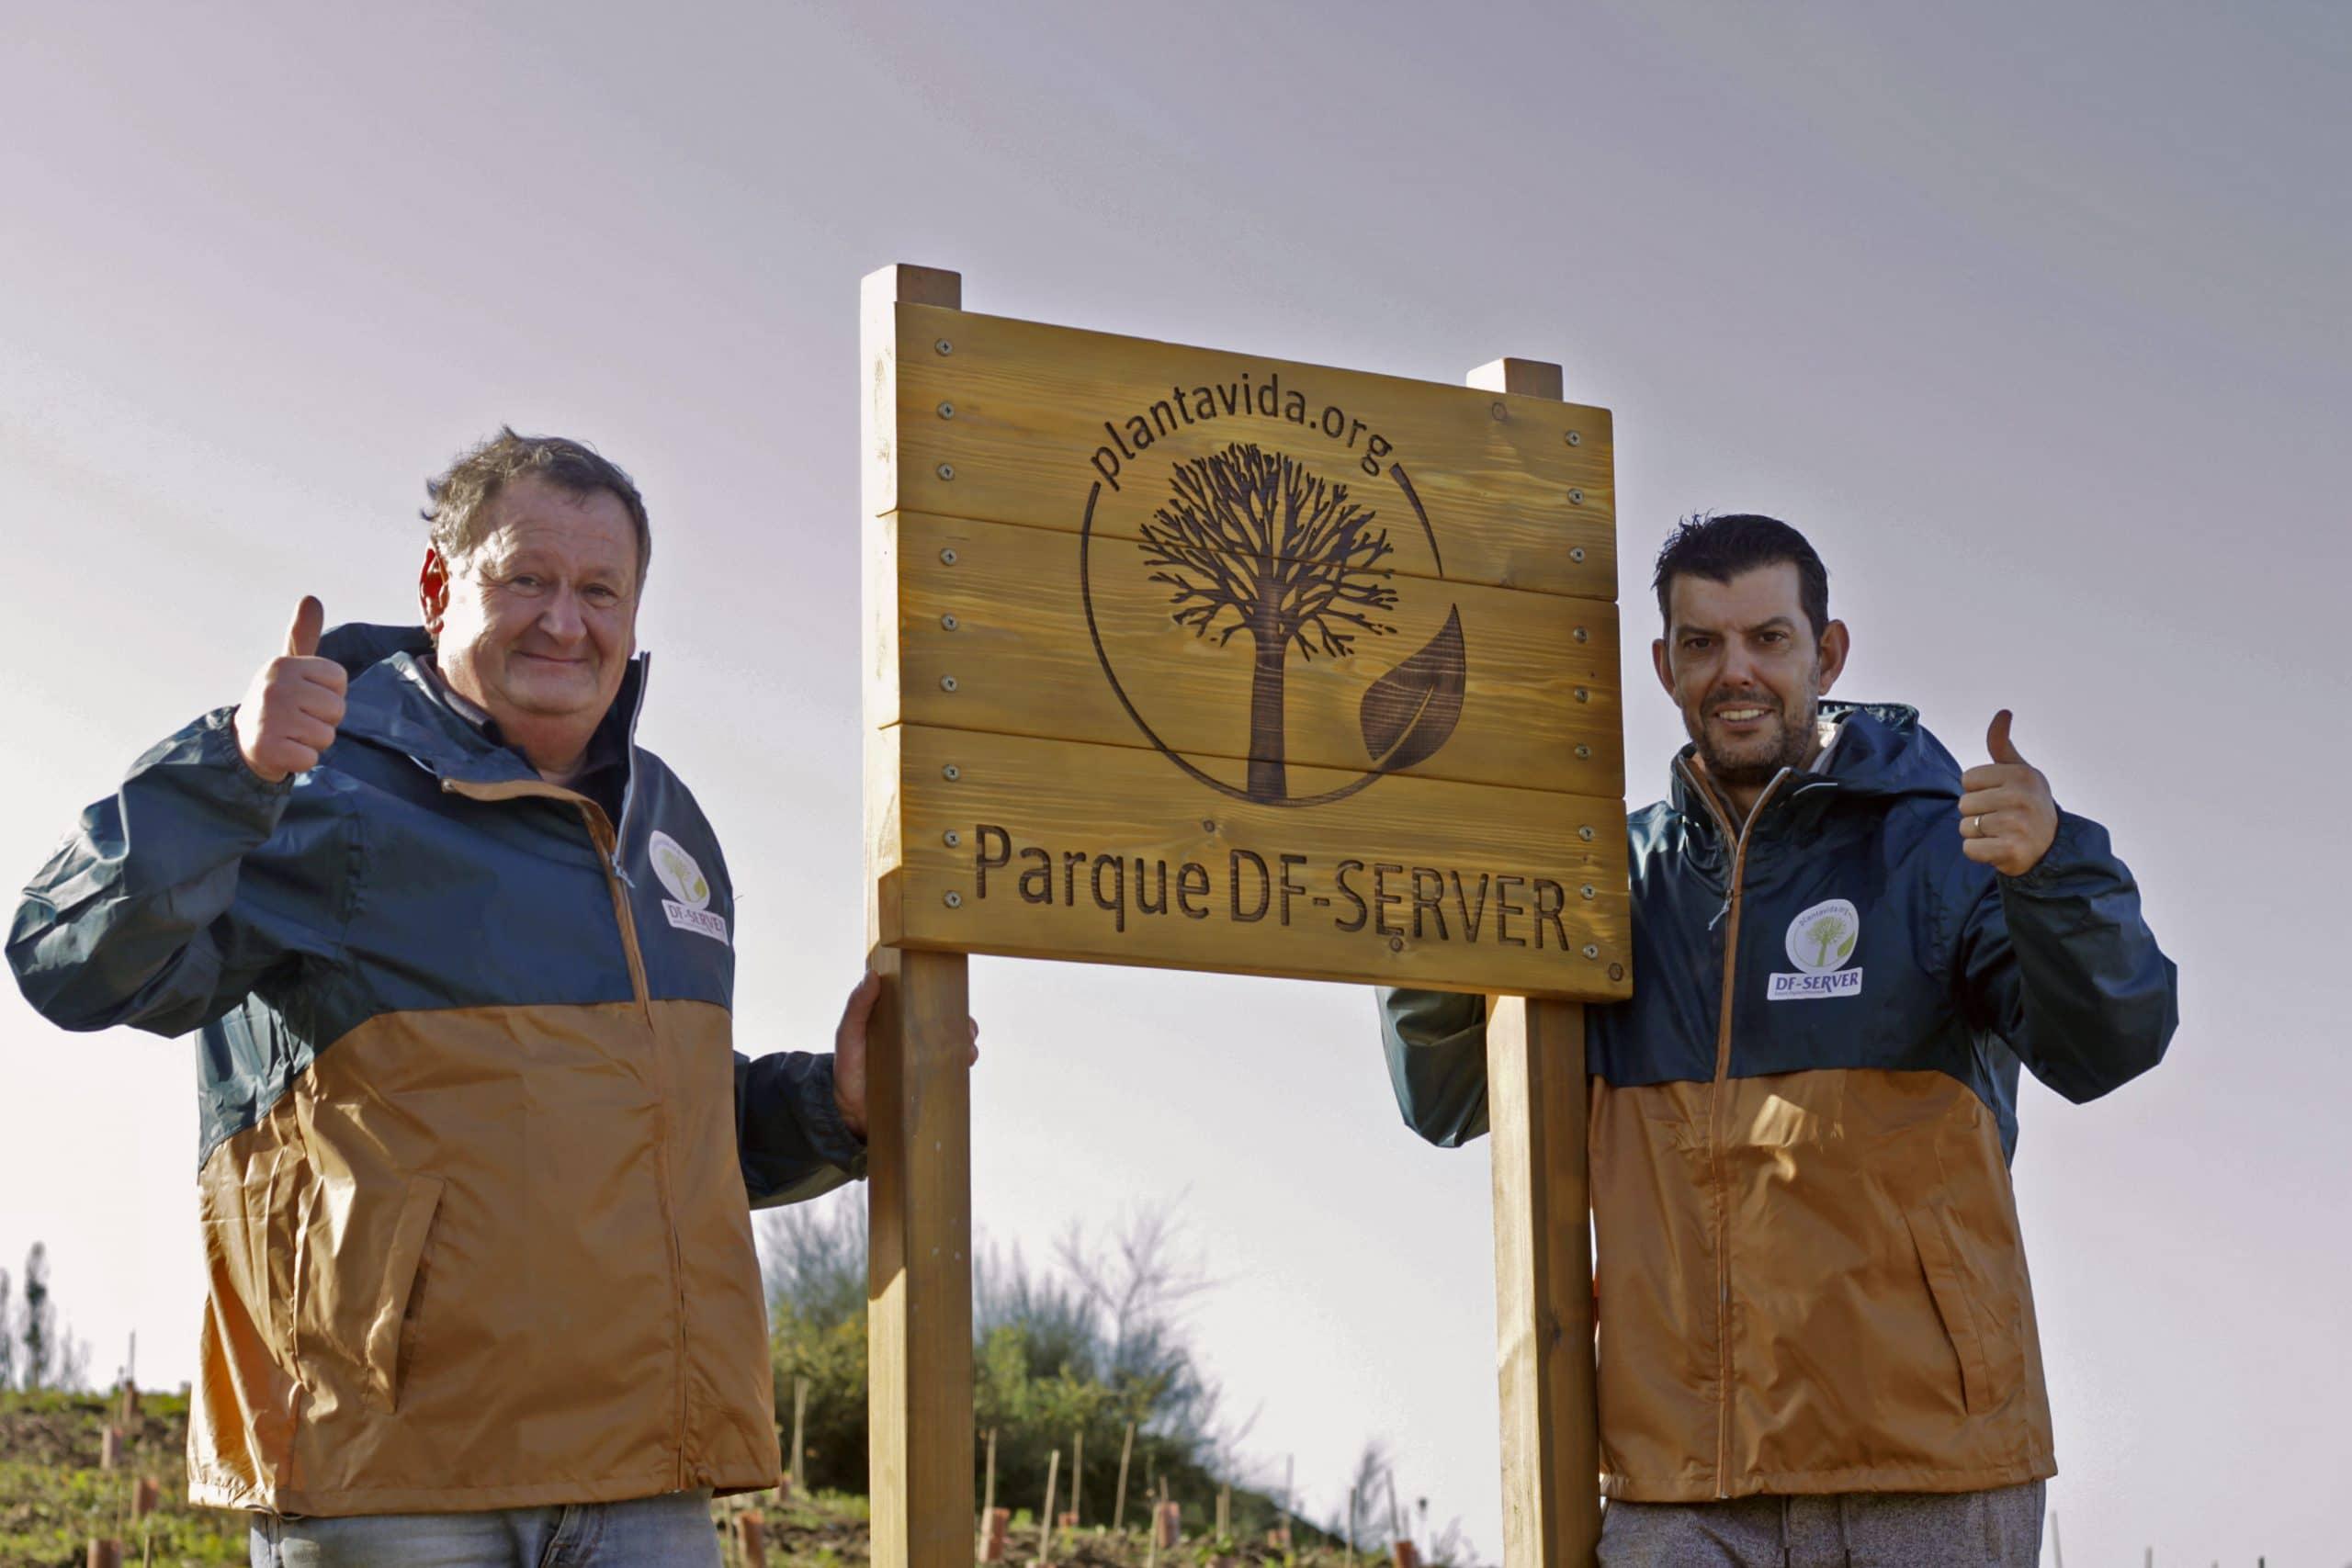 Inauguración «Parque DF-SERVER» en Galicia